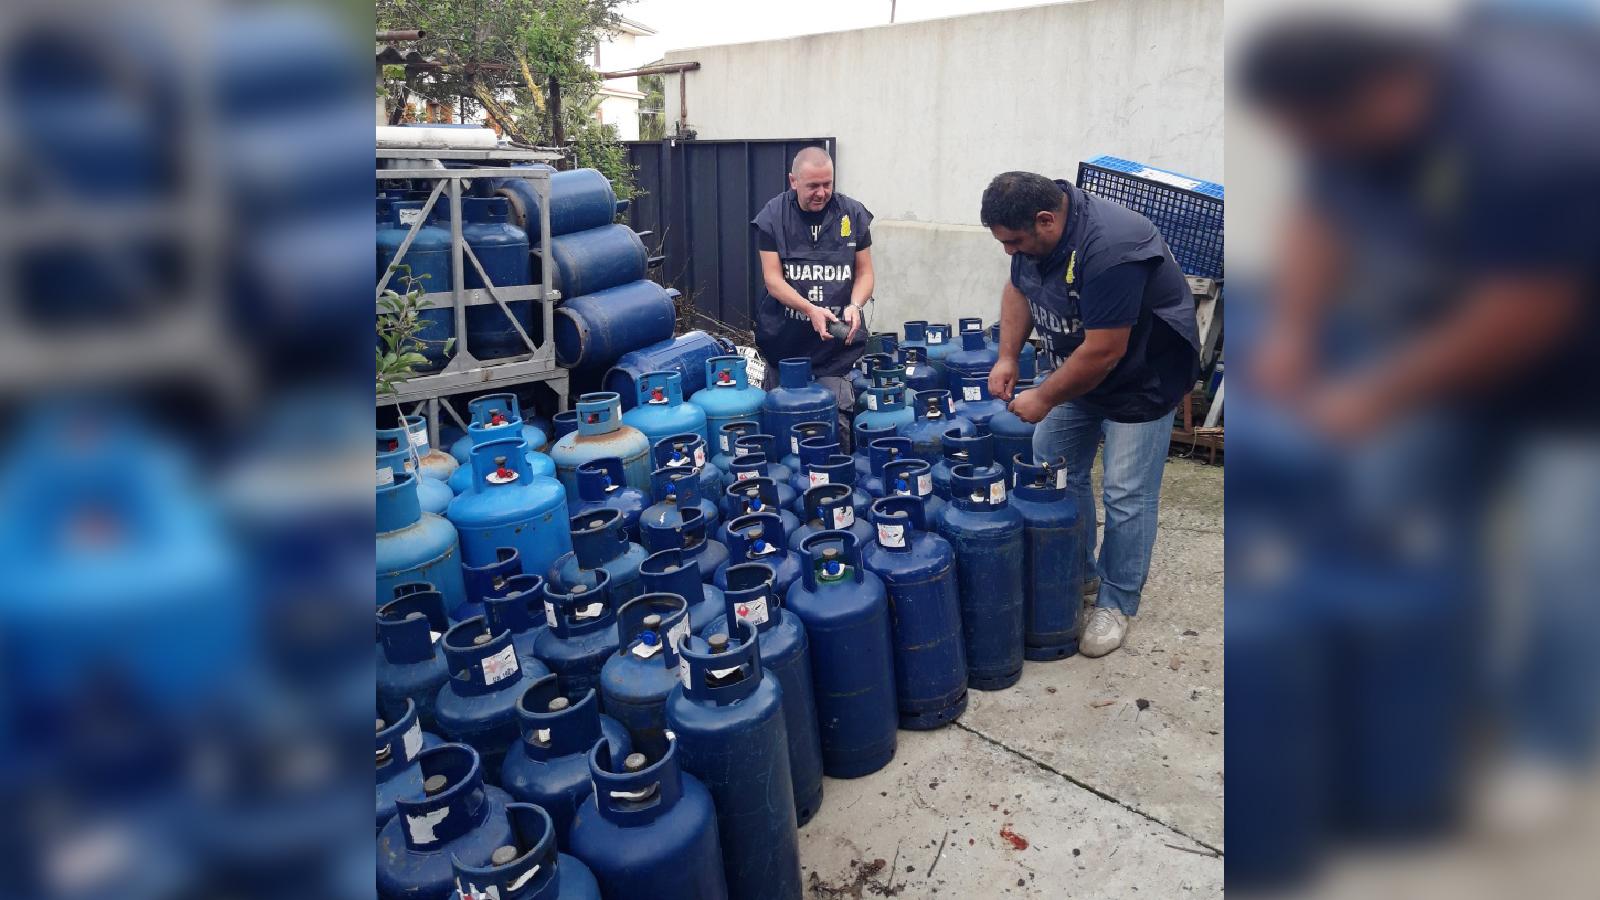 Quasi 4 tonnellate di bombole di gpl sequestrate a Limbadi  La finanza ha scoperto un deposito che violava i limiti